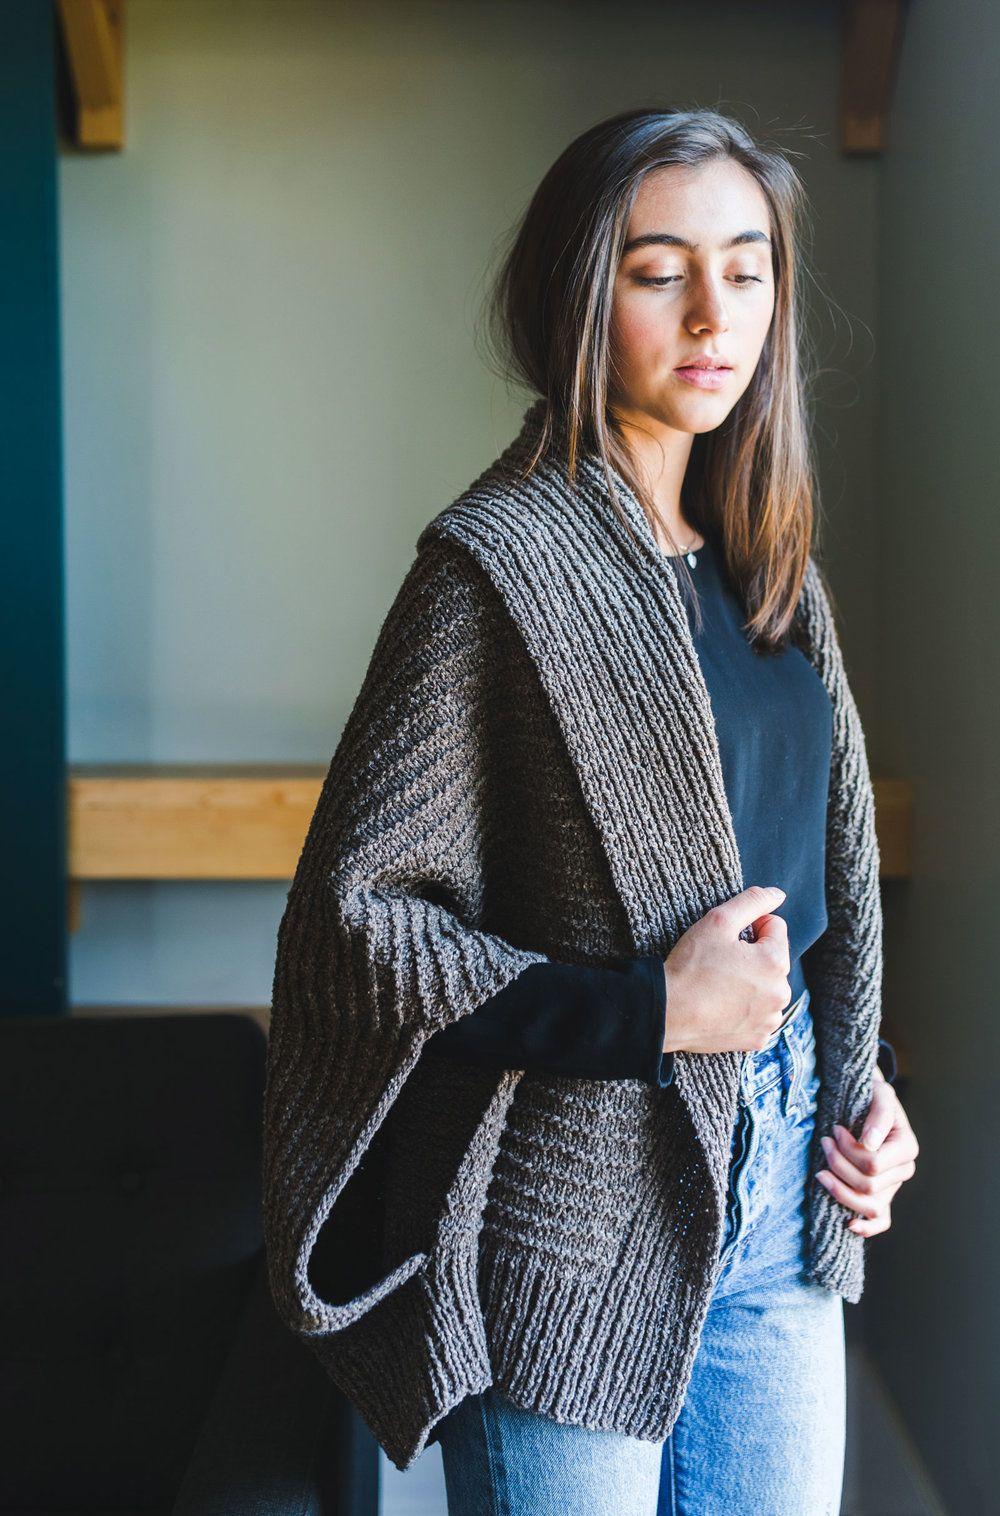 Veronika Cardigan PDF Knitting Pattern | Shawl, Stitch and Knitting ...